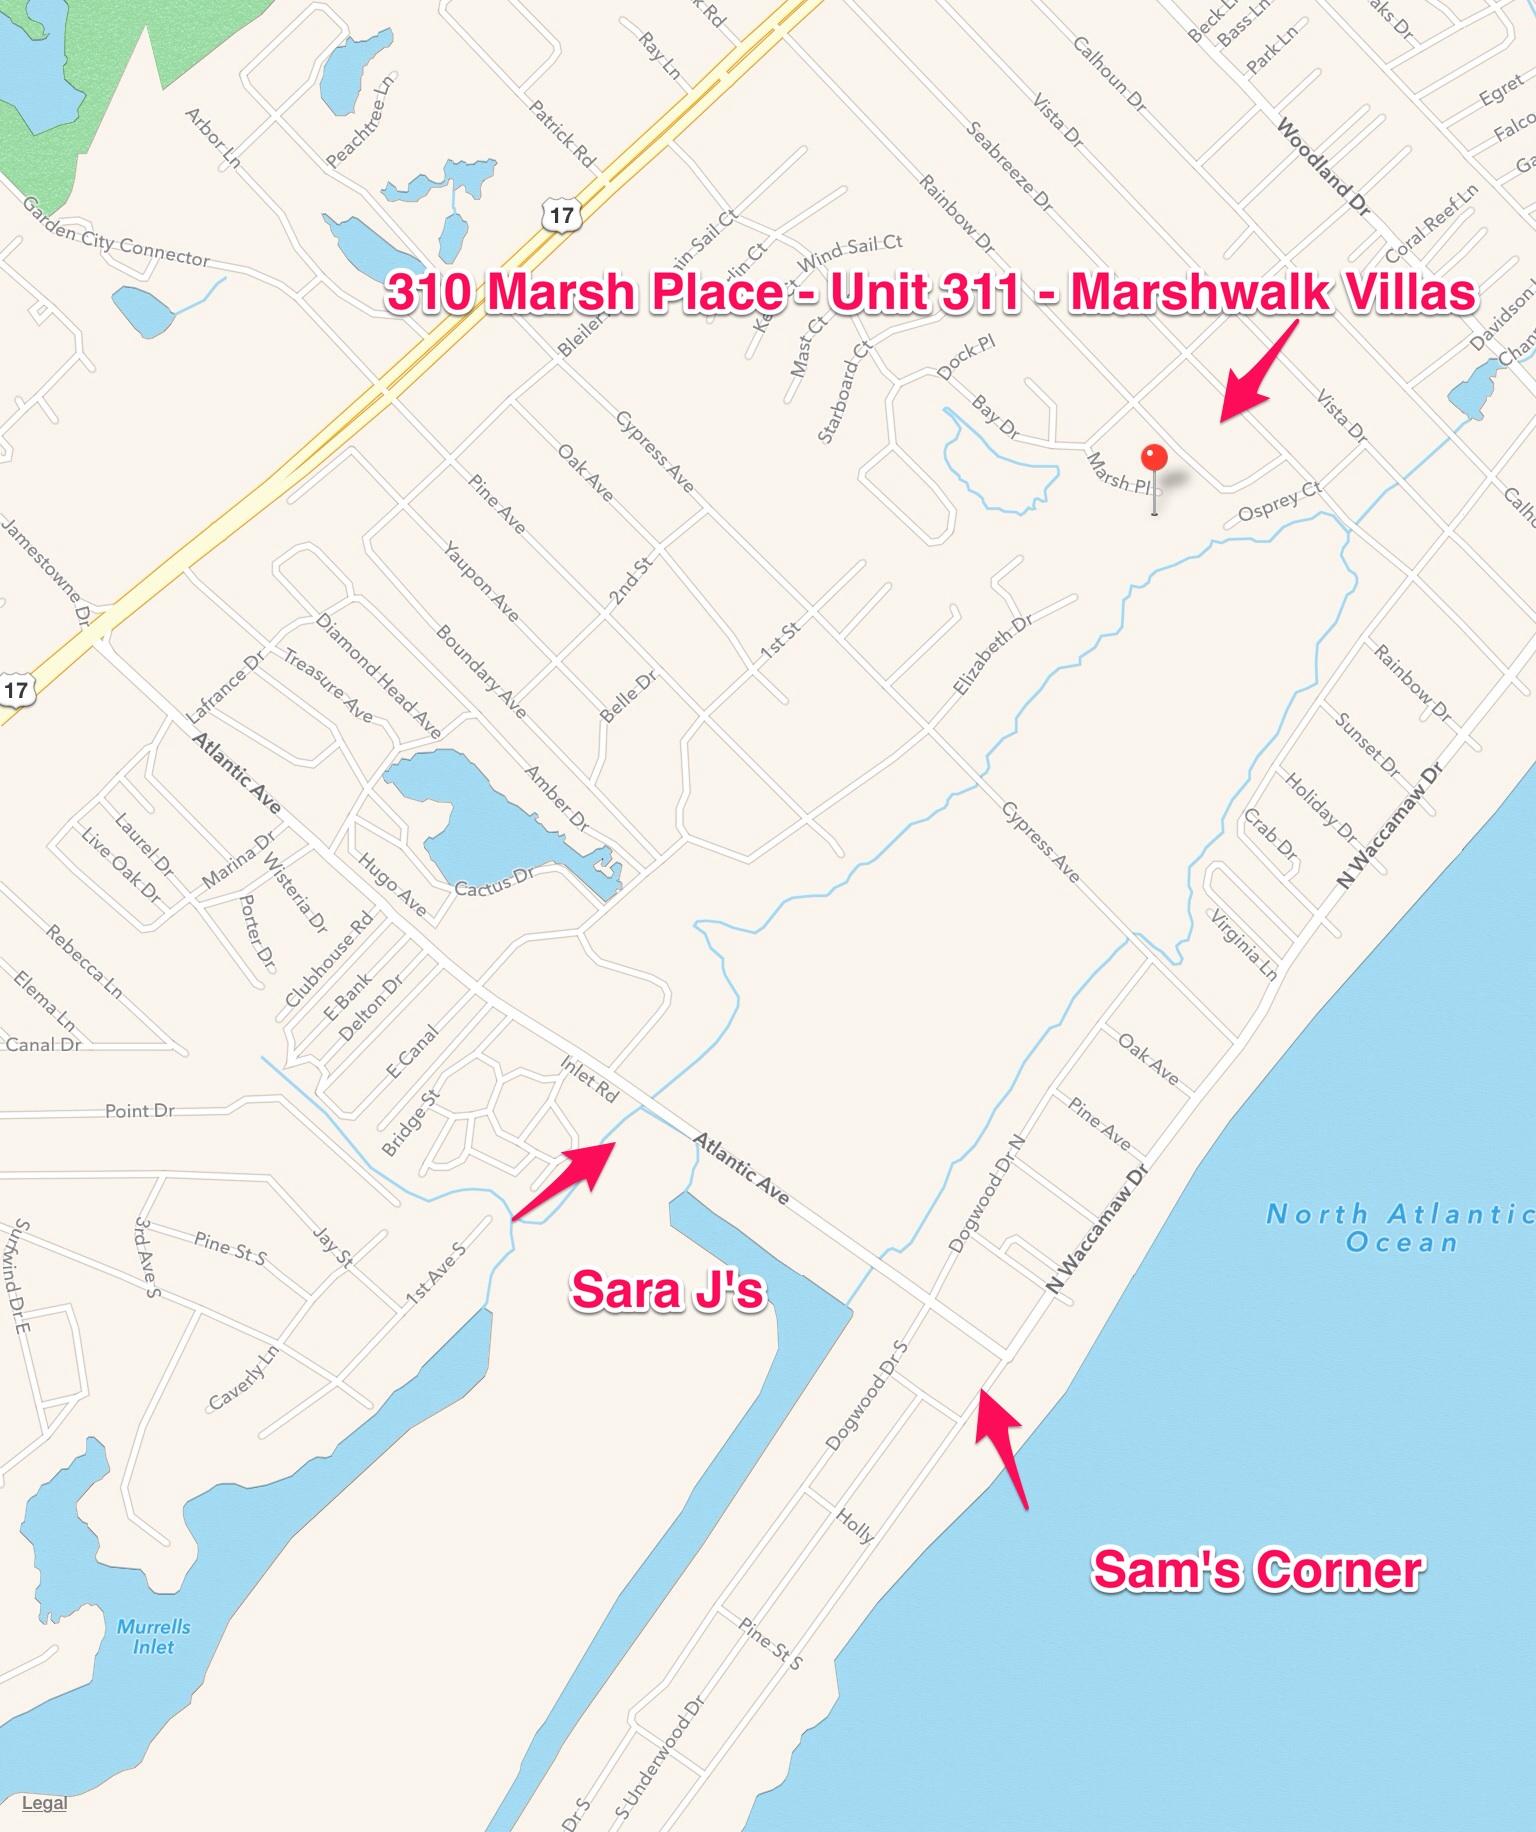 311 Marshwalk Villas